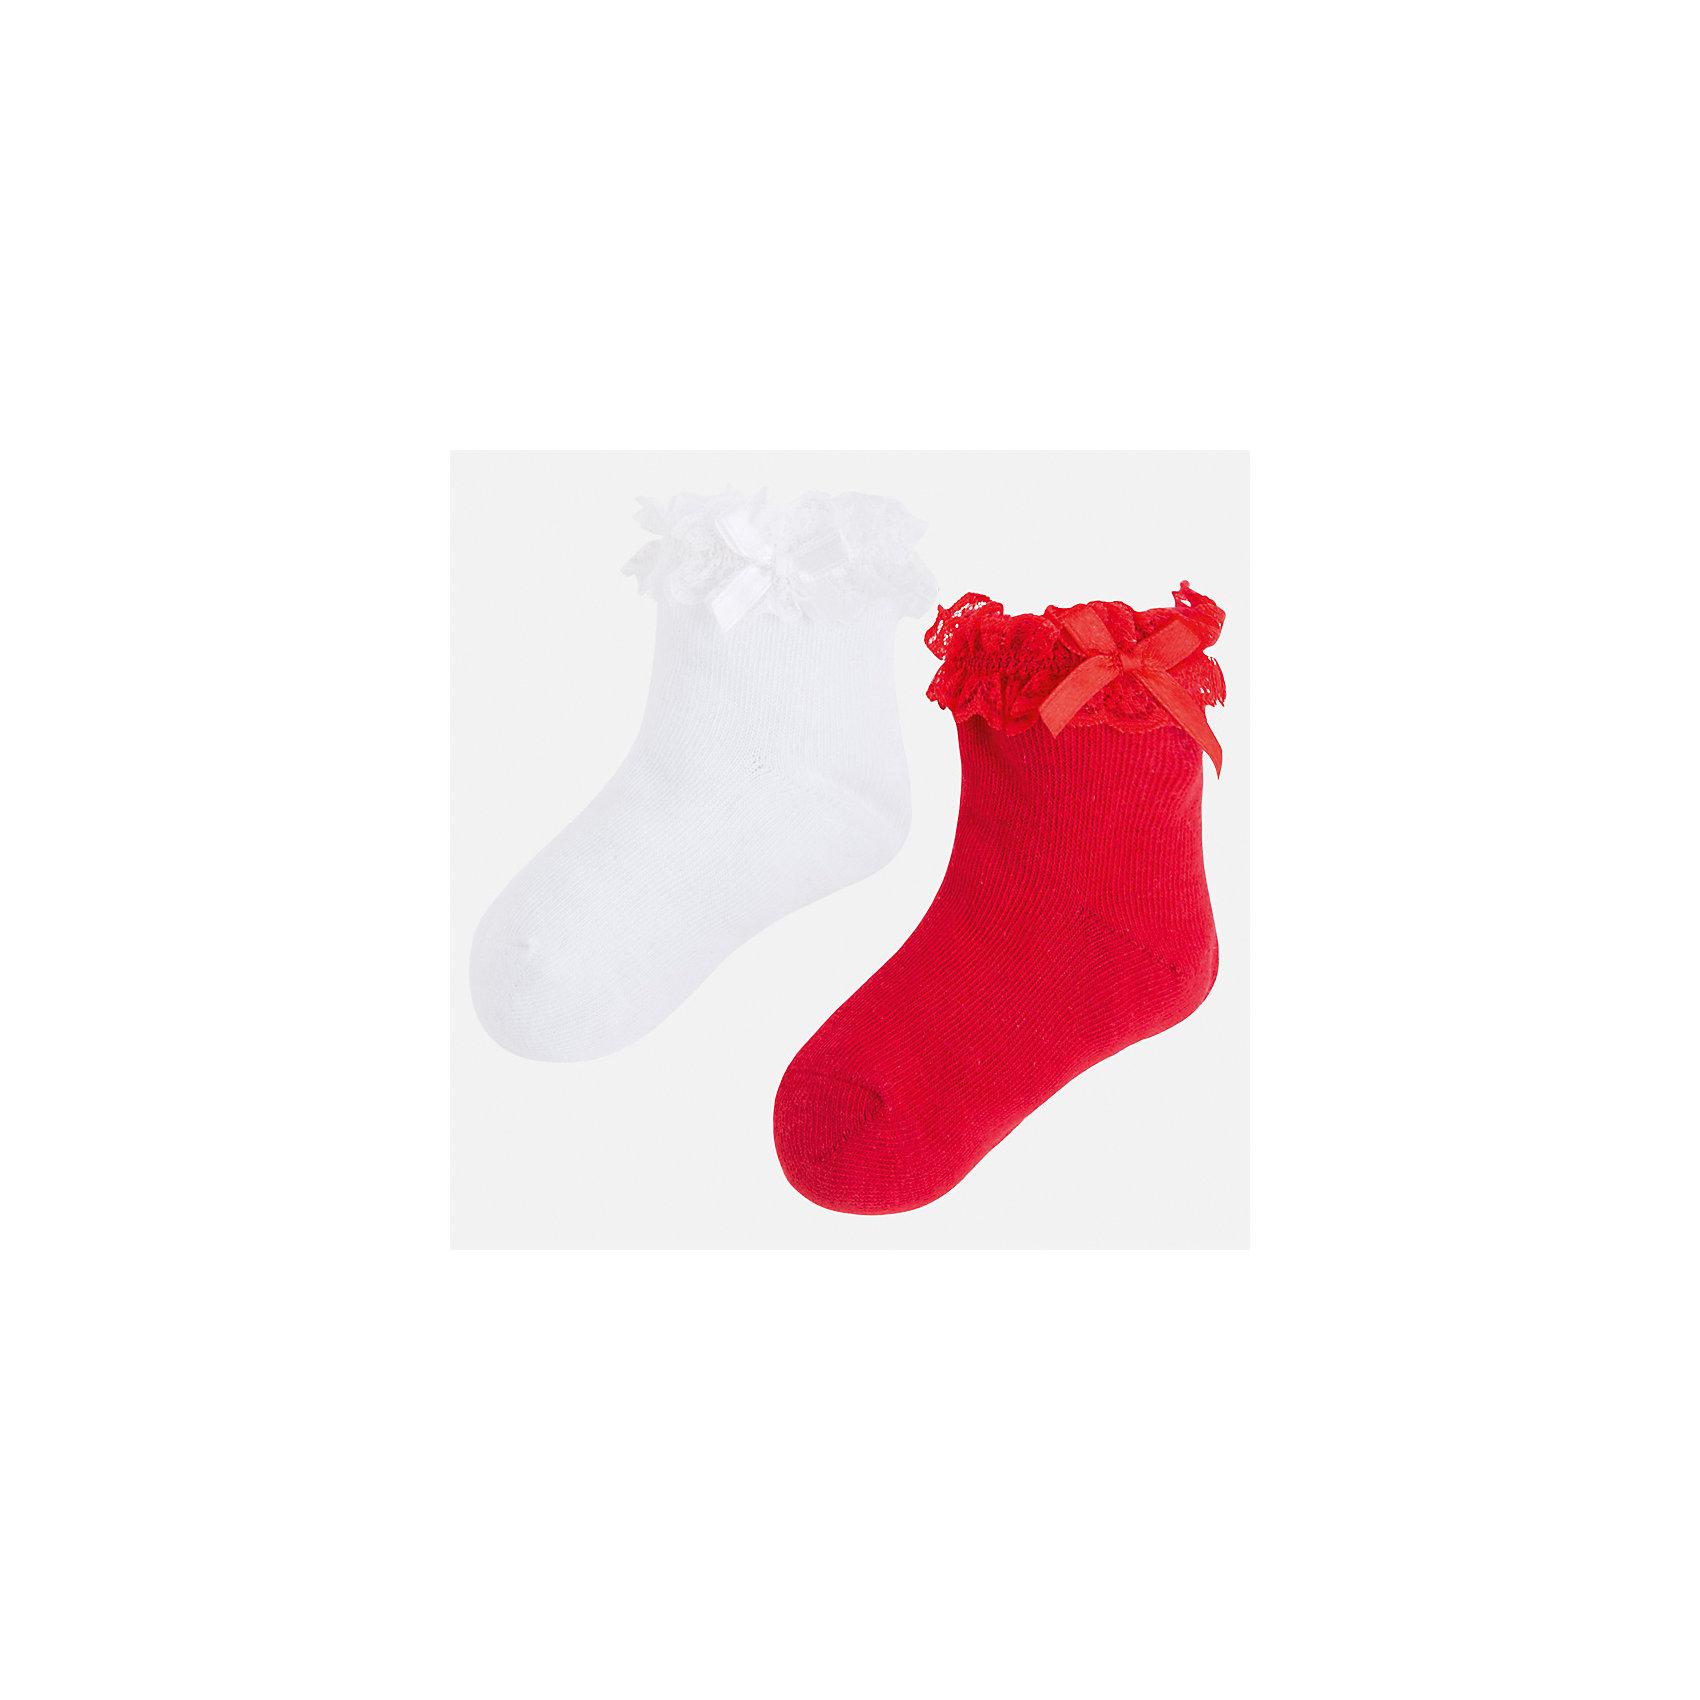 Носки (2 пары) для девочки MayoralХарактеристики товара:<br><br>• цвет: белый/красный<br>• состав: 70% хлопок, 24% полиэстер, 3% эластан, 3% полиамид<br>• комплектация: две пары<br>• мягкая ажурная резинка<br>• эластичный материал<br>• декорированы бантом<br>• страна бренда: Испания<br><br>Удобные симпатичные носки для девочки помогут обеспечить ребенку комфорт и дополнить наряд. Универсальный цвет позволяет надевать их под обувь разных расцветок. Носки удобно сидят на ноге и красиво смотрятся. В составе материала - натуральный хлопок, гипоаллергенный, приятный на ощупь, дышащий. <br><br>Одежда, обувь и аксессуары от испанского бренда Mayoral полюбились детям и взрослым по всему миру. Модели этой марки - стильные и удобные. Для их производства используются только безопасные, качественные материалы и фурнитура. Порадуйте ребенка модными и красивыми вещами от Mayoral! <br><br>Носки (2 пары) для девочки от испанского бренда Mayoral (Майорал) можно купить в нашем интернет-магазине.<br><br>Ширина мм: 87<br>Глубина мм: 10<br>Высота мм: 105<br>Вес г: 115<br>Цвет: красный<br>Возраст от месяцев: 48<br>Возраст до месяцев: 60<br>Пол: Женский<br>Возраст: Детский<br>Размер: 2,4,6,8<br>SKU: 5293459